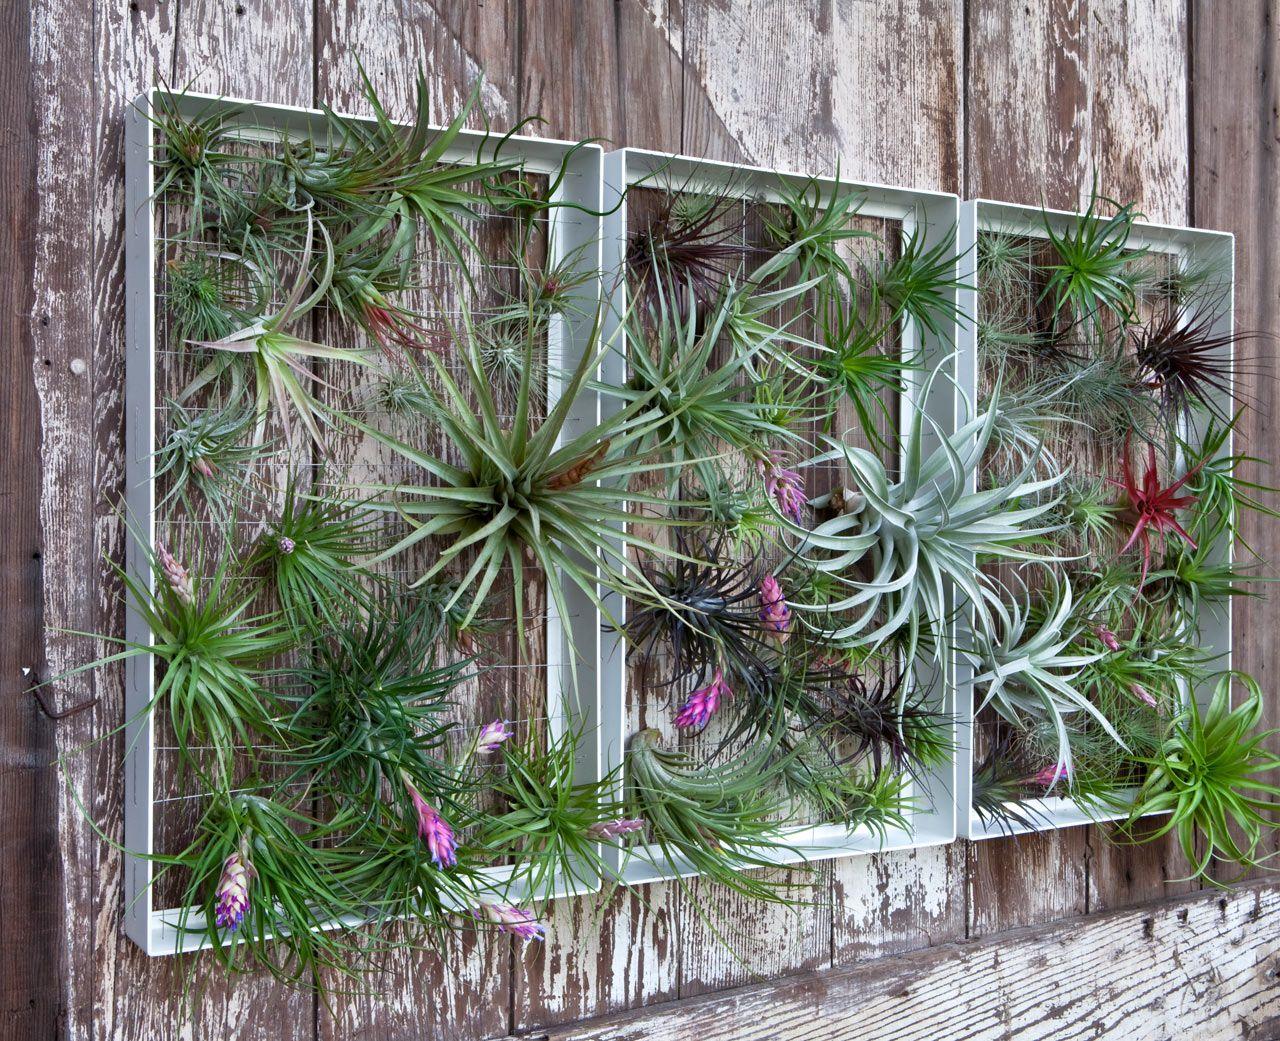 Vertikaler garten alu rahmen zierpflanzen au en airplantman tilandsien garten garten deko - Vertikaler garten innenraum ...